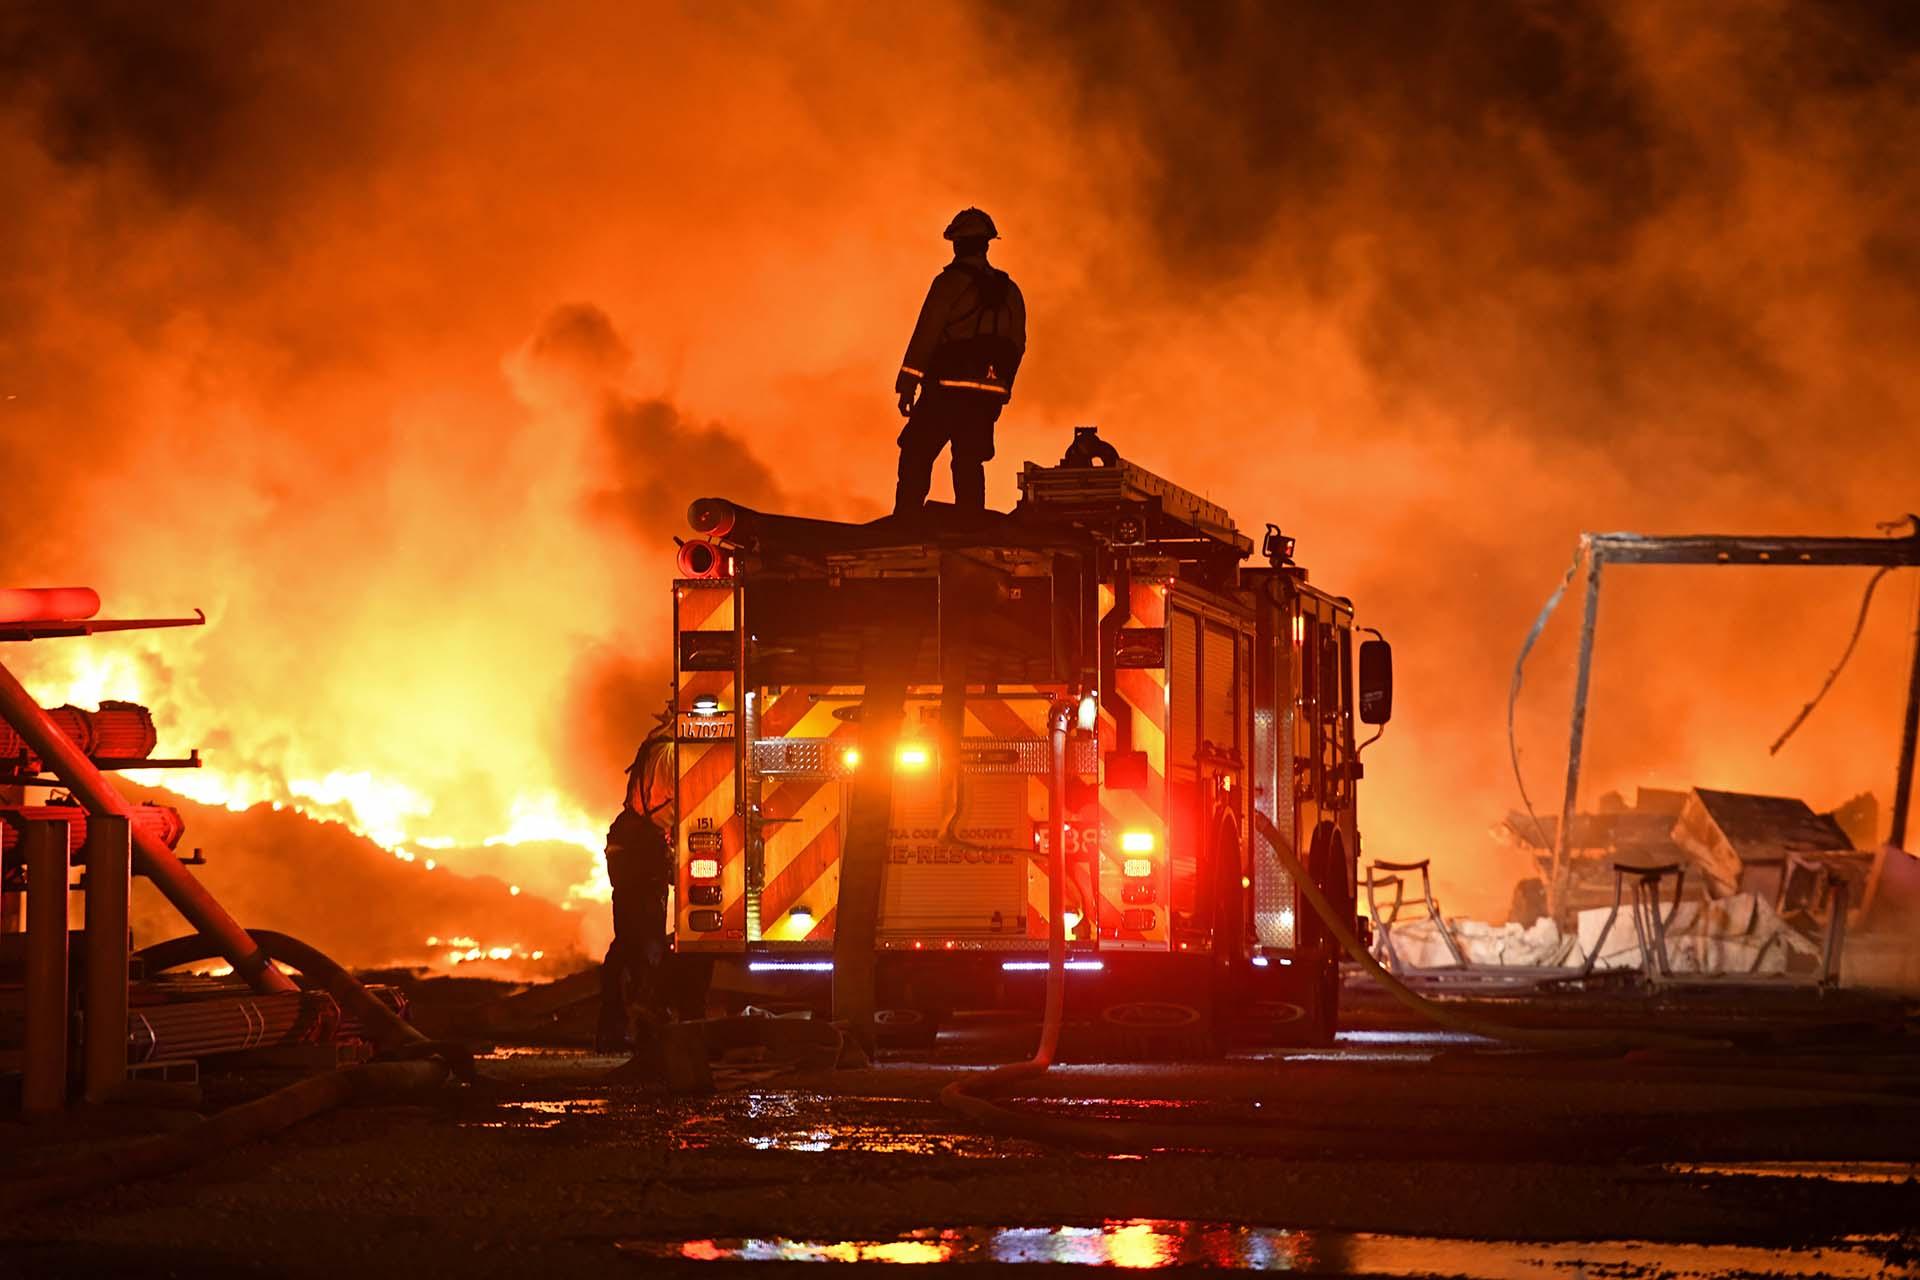 Un bombero se detiene para mirar un muro de fuego mientras lucha contra un incendio de hierba en East Cypress Road en Knightsen, California, el domingo 27 de octubre de 2019